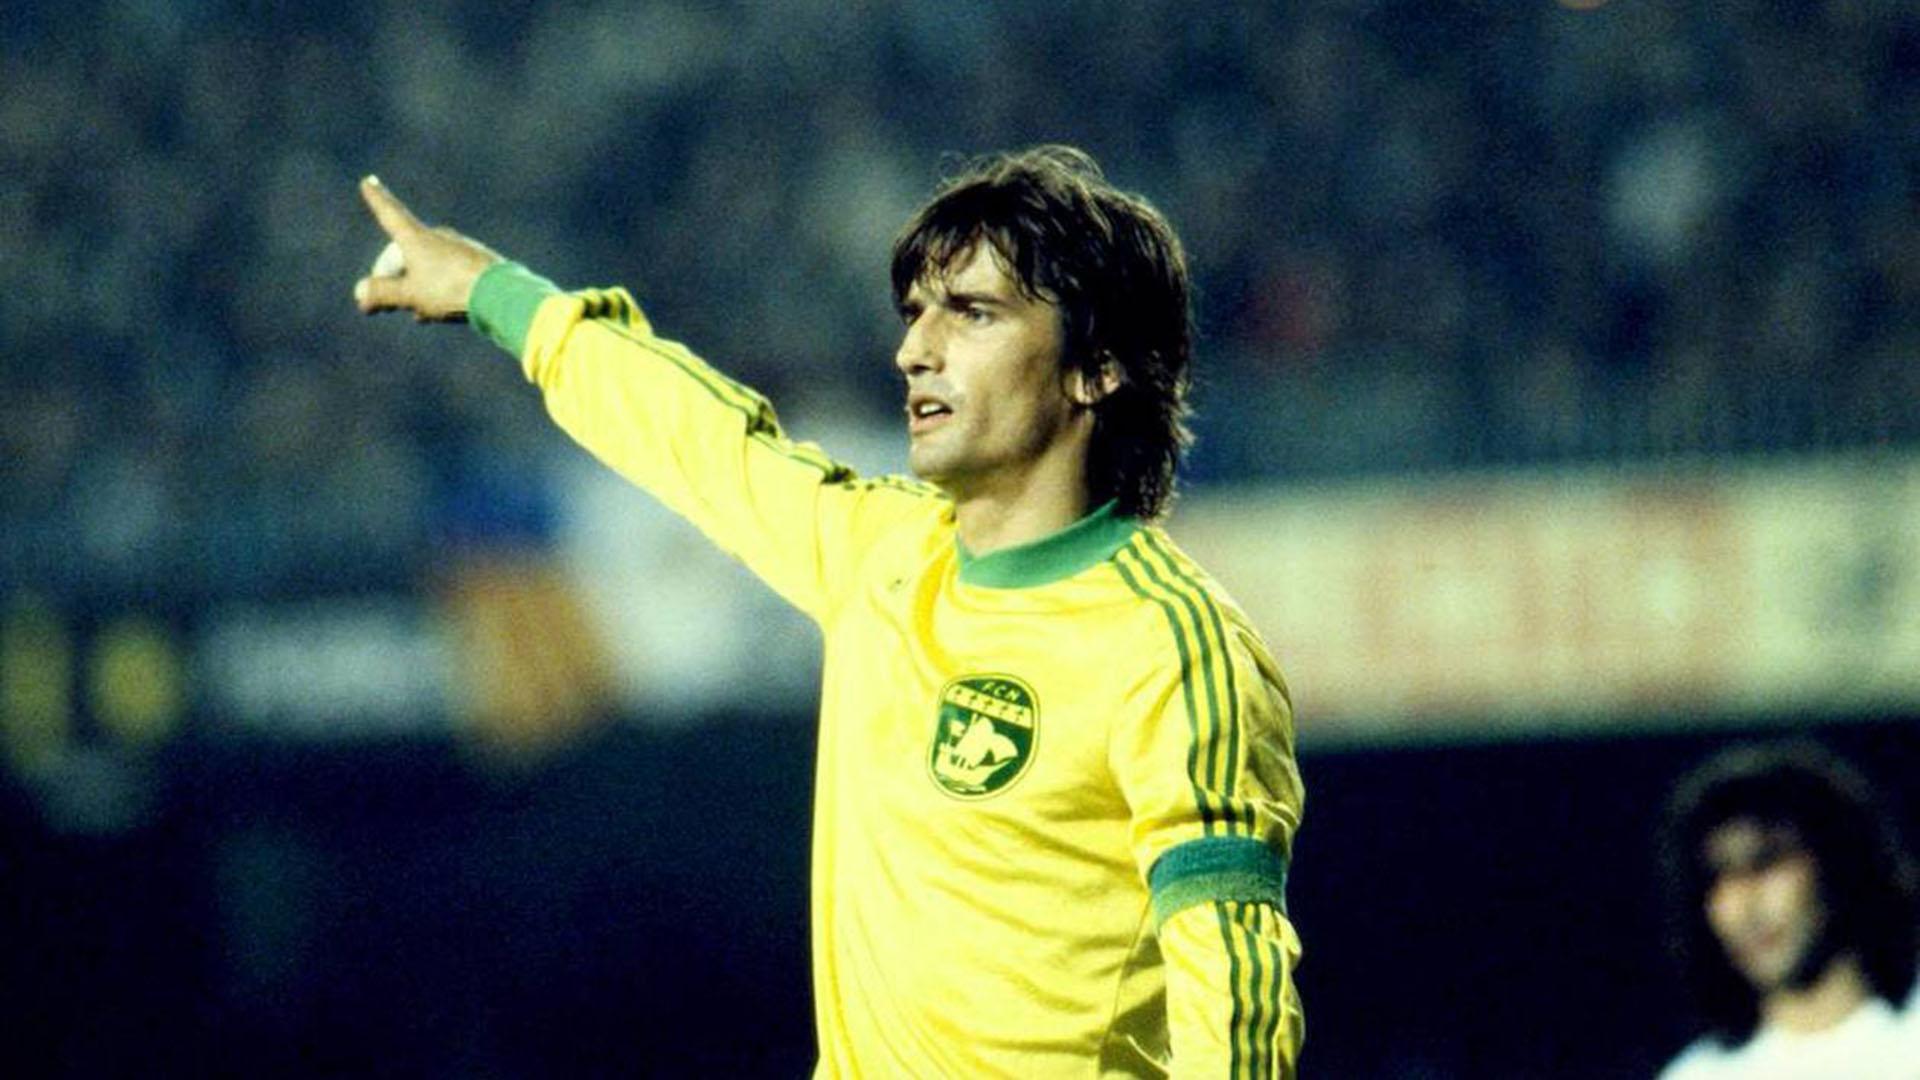 Henri Michel jugó en el Nante, donde fue tres veces campeón de la Ligue 1 y una de la Copa de Francia